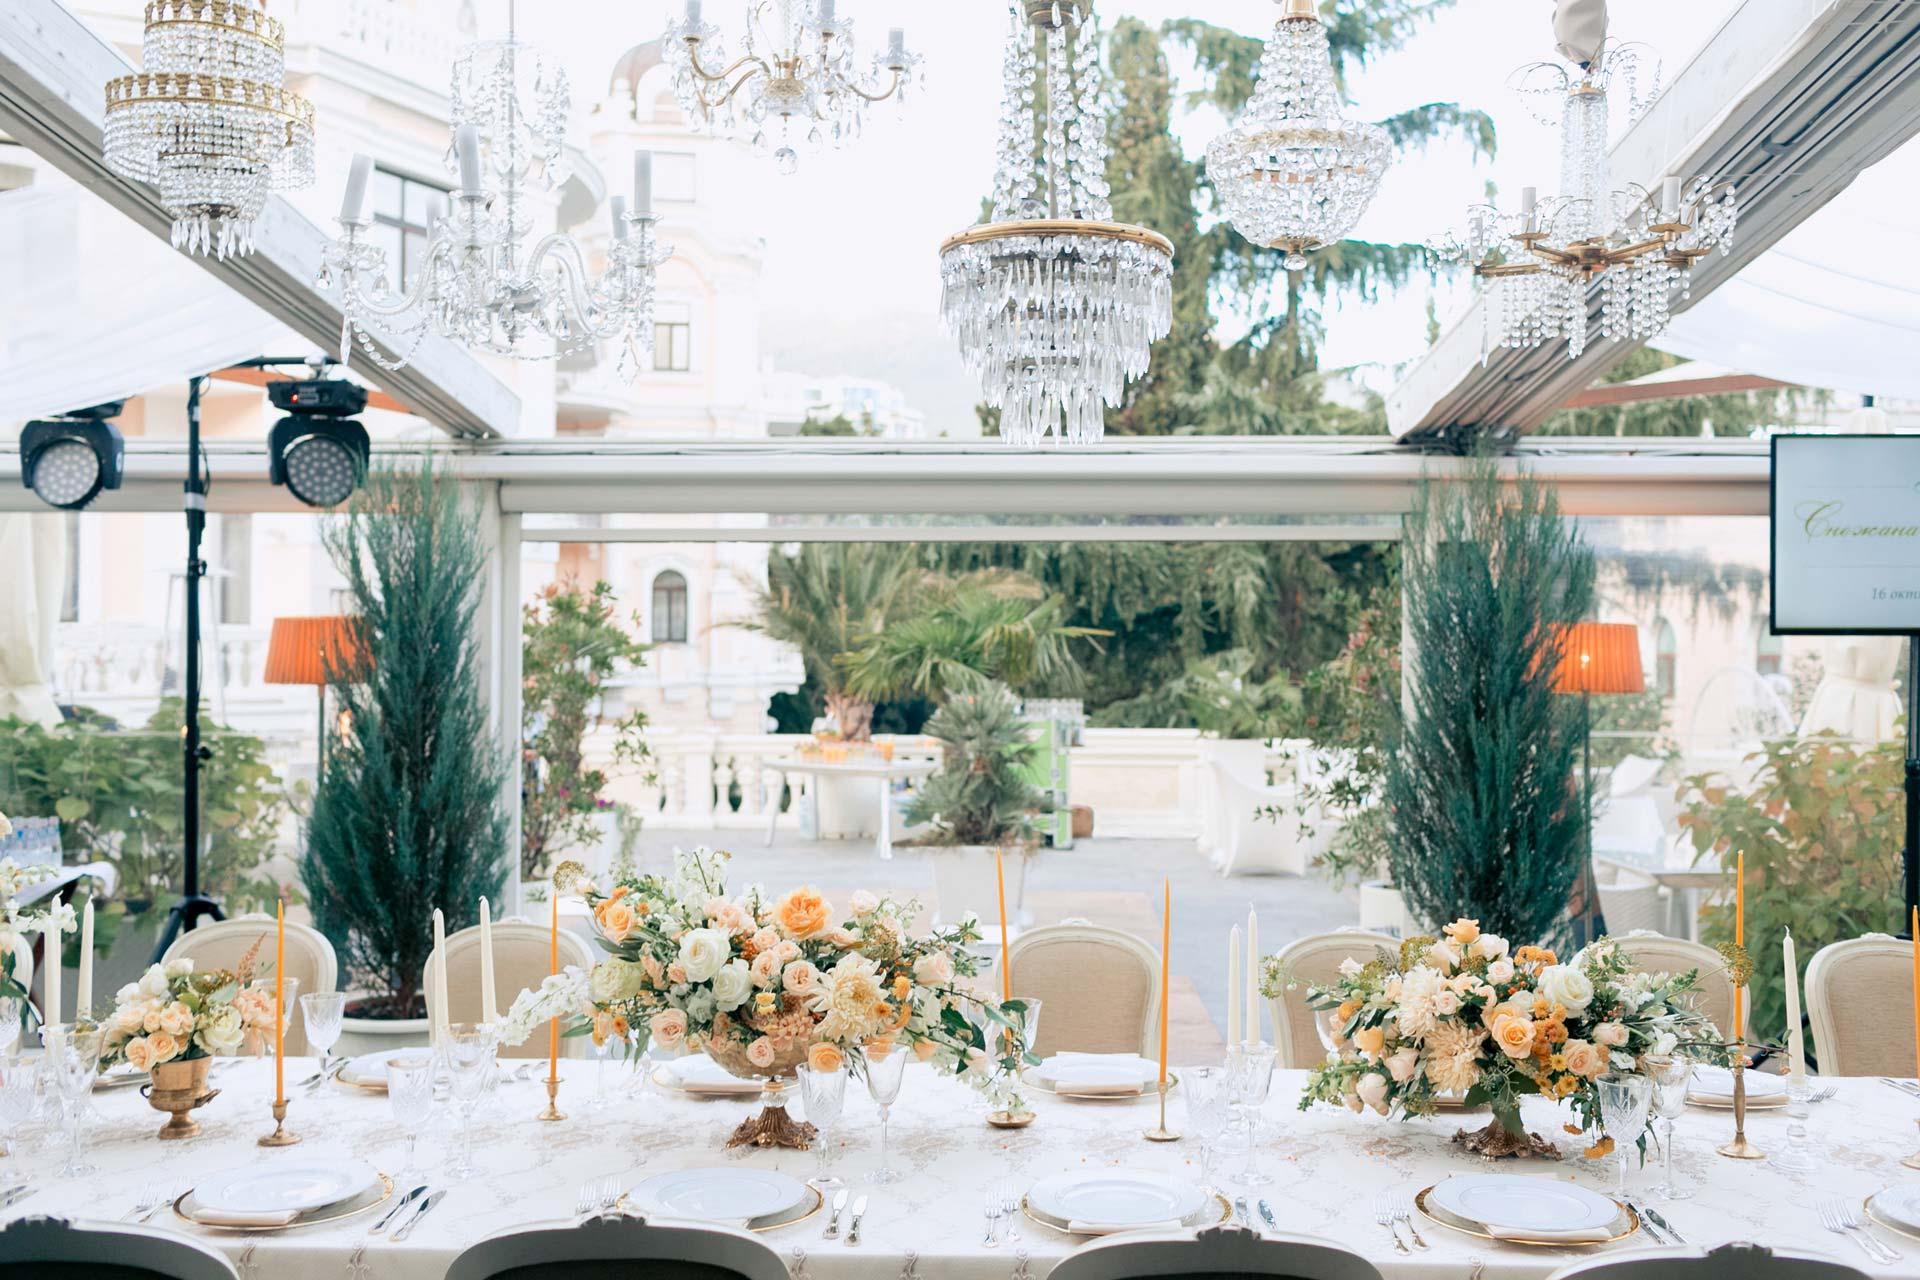 Декоратор Ольга Белецкая: «Свадебные декорации должны отличаться от театральных» фото 9